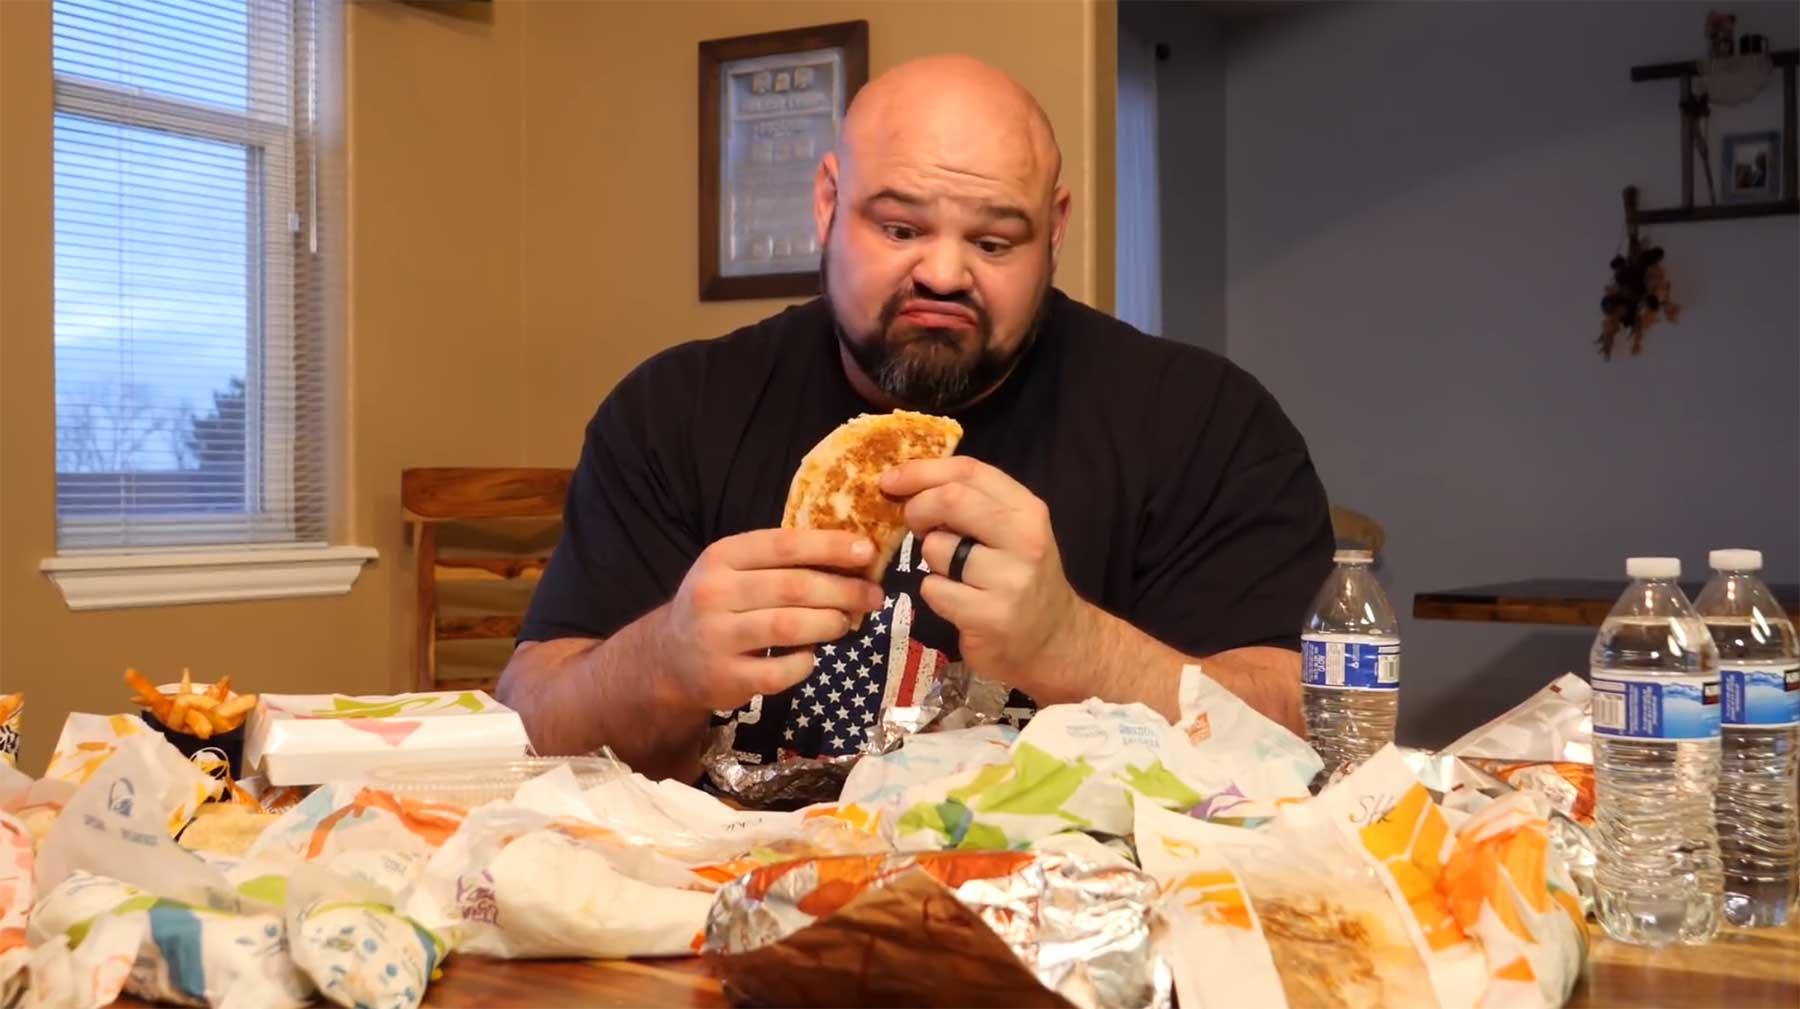 Der stärkste Mann der Welt versucht, das komplette Taco Bell-Menü zu essen